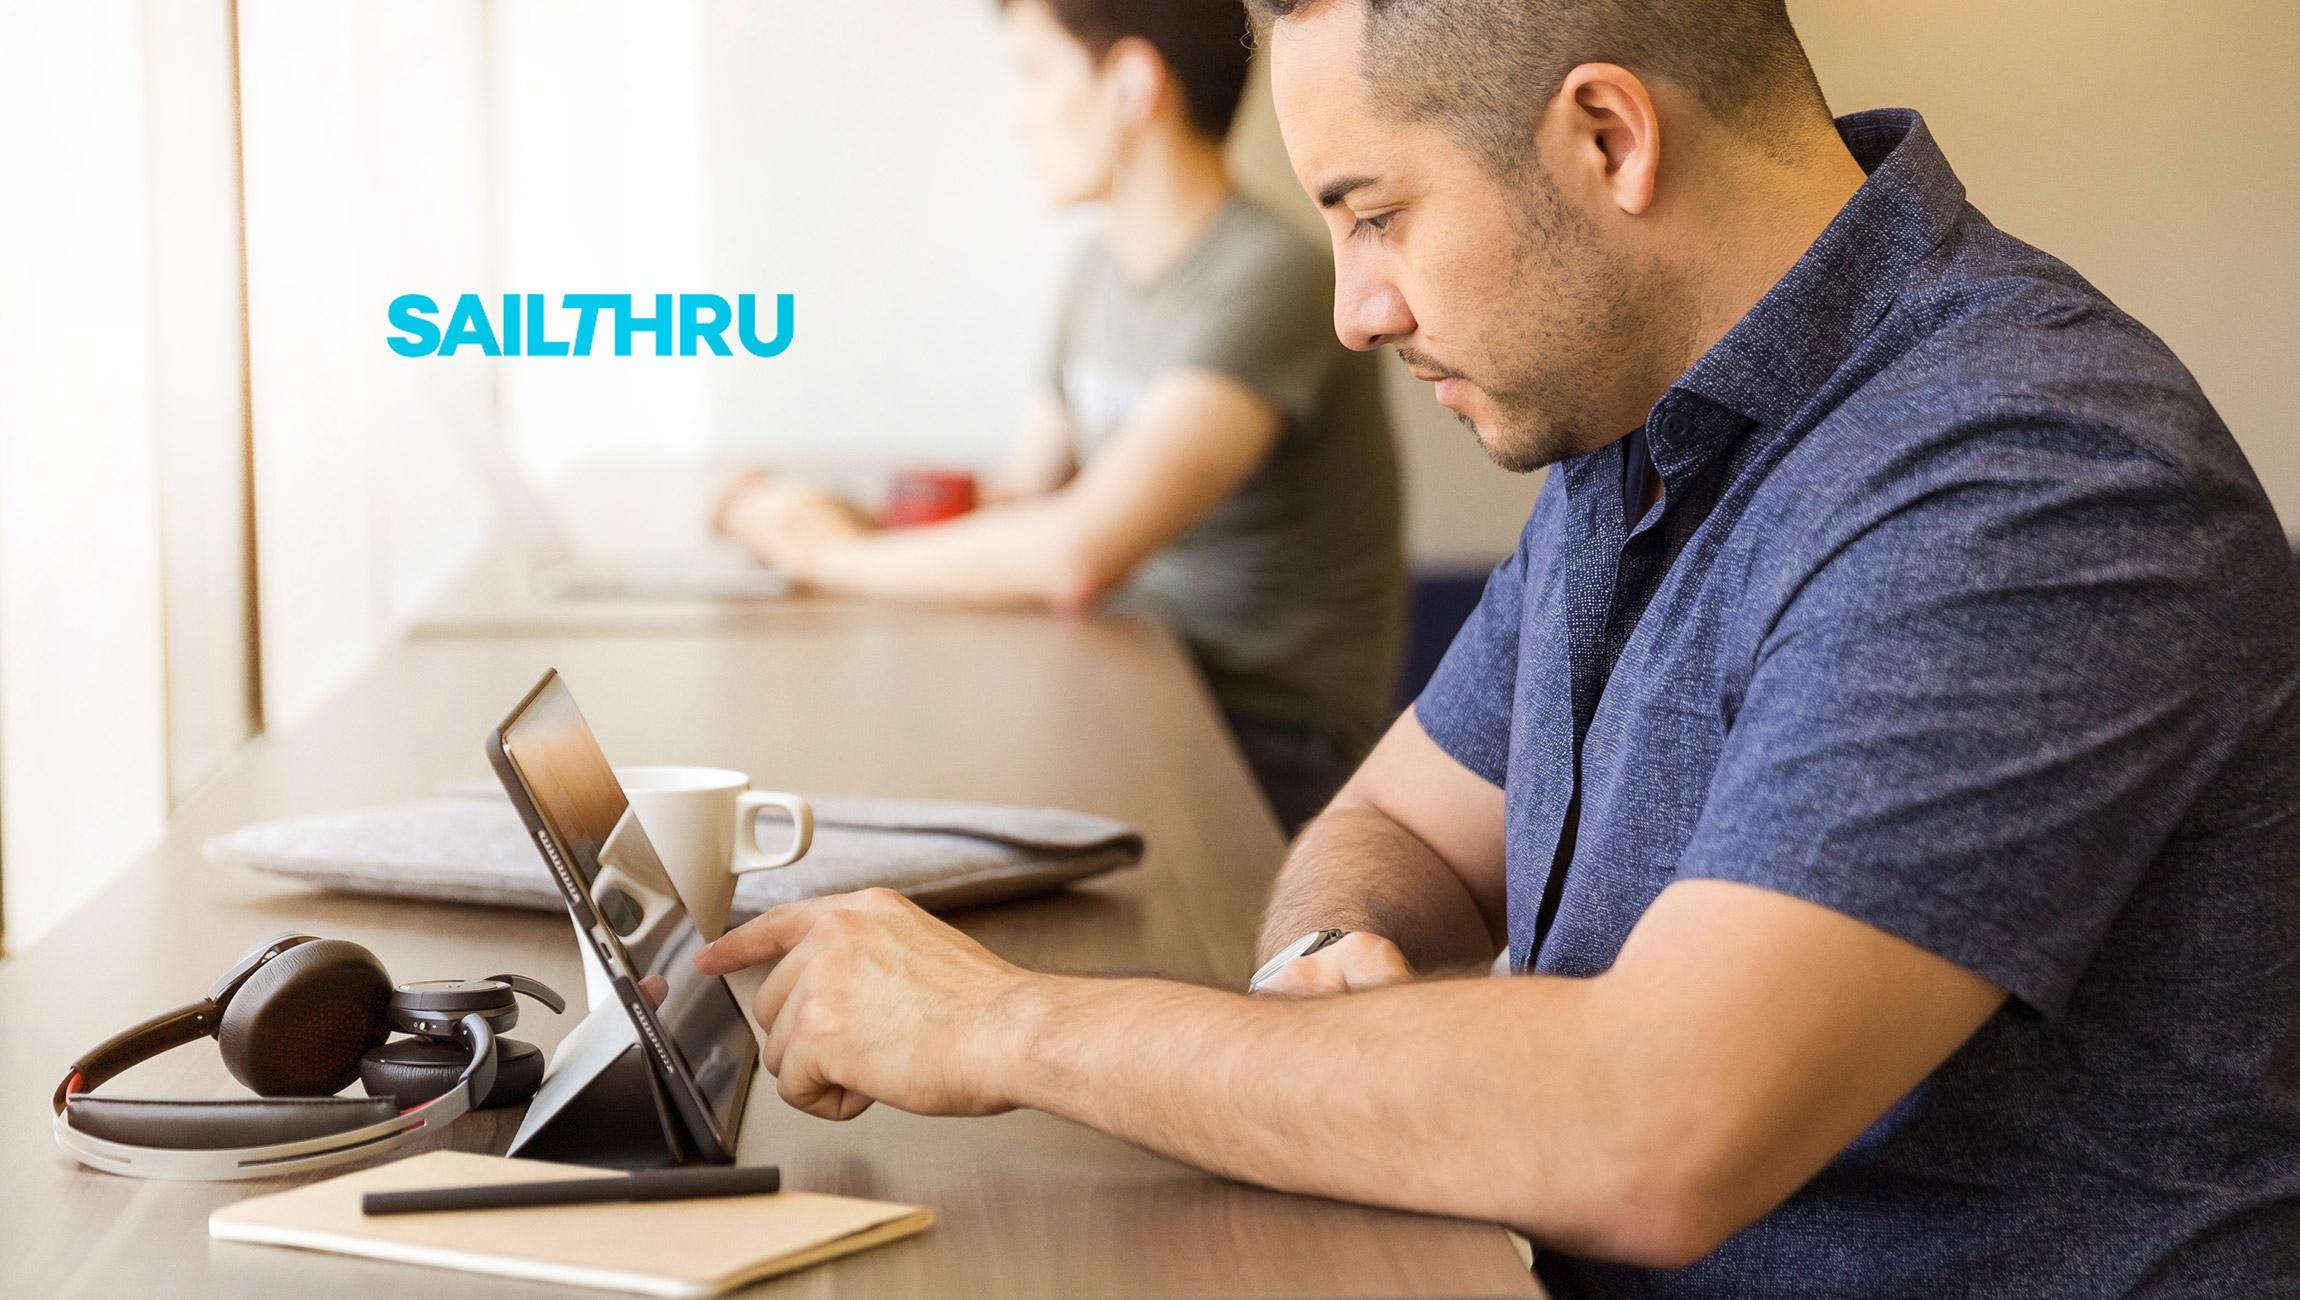 Sailthru Announces Sailthru Connect, A Data Export Suite For Business Intelligence